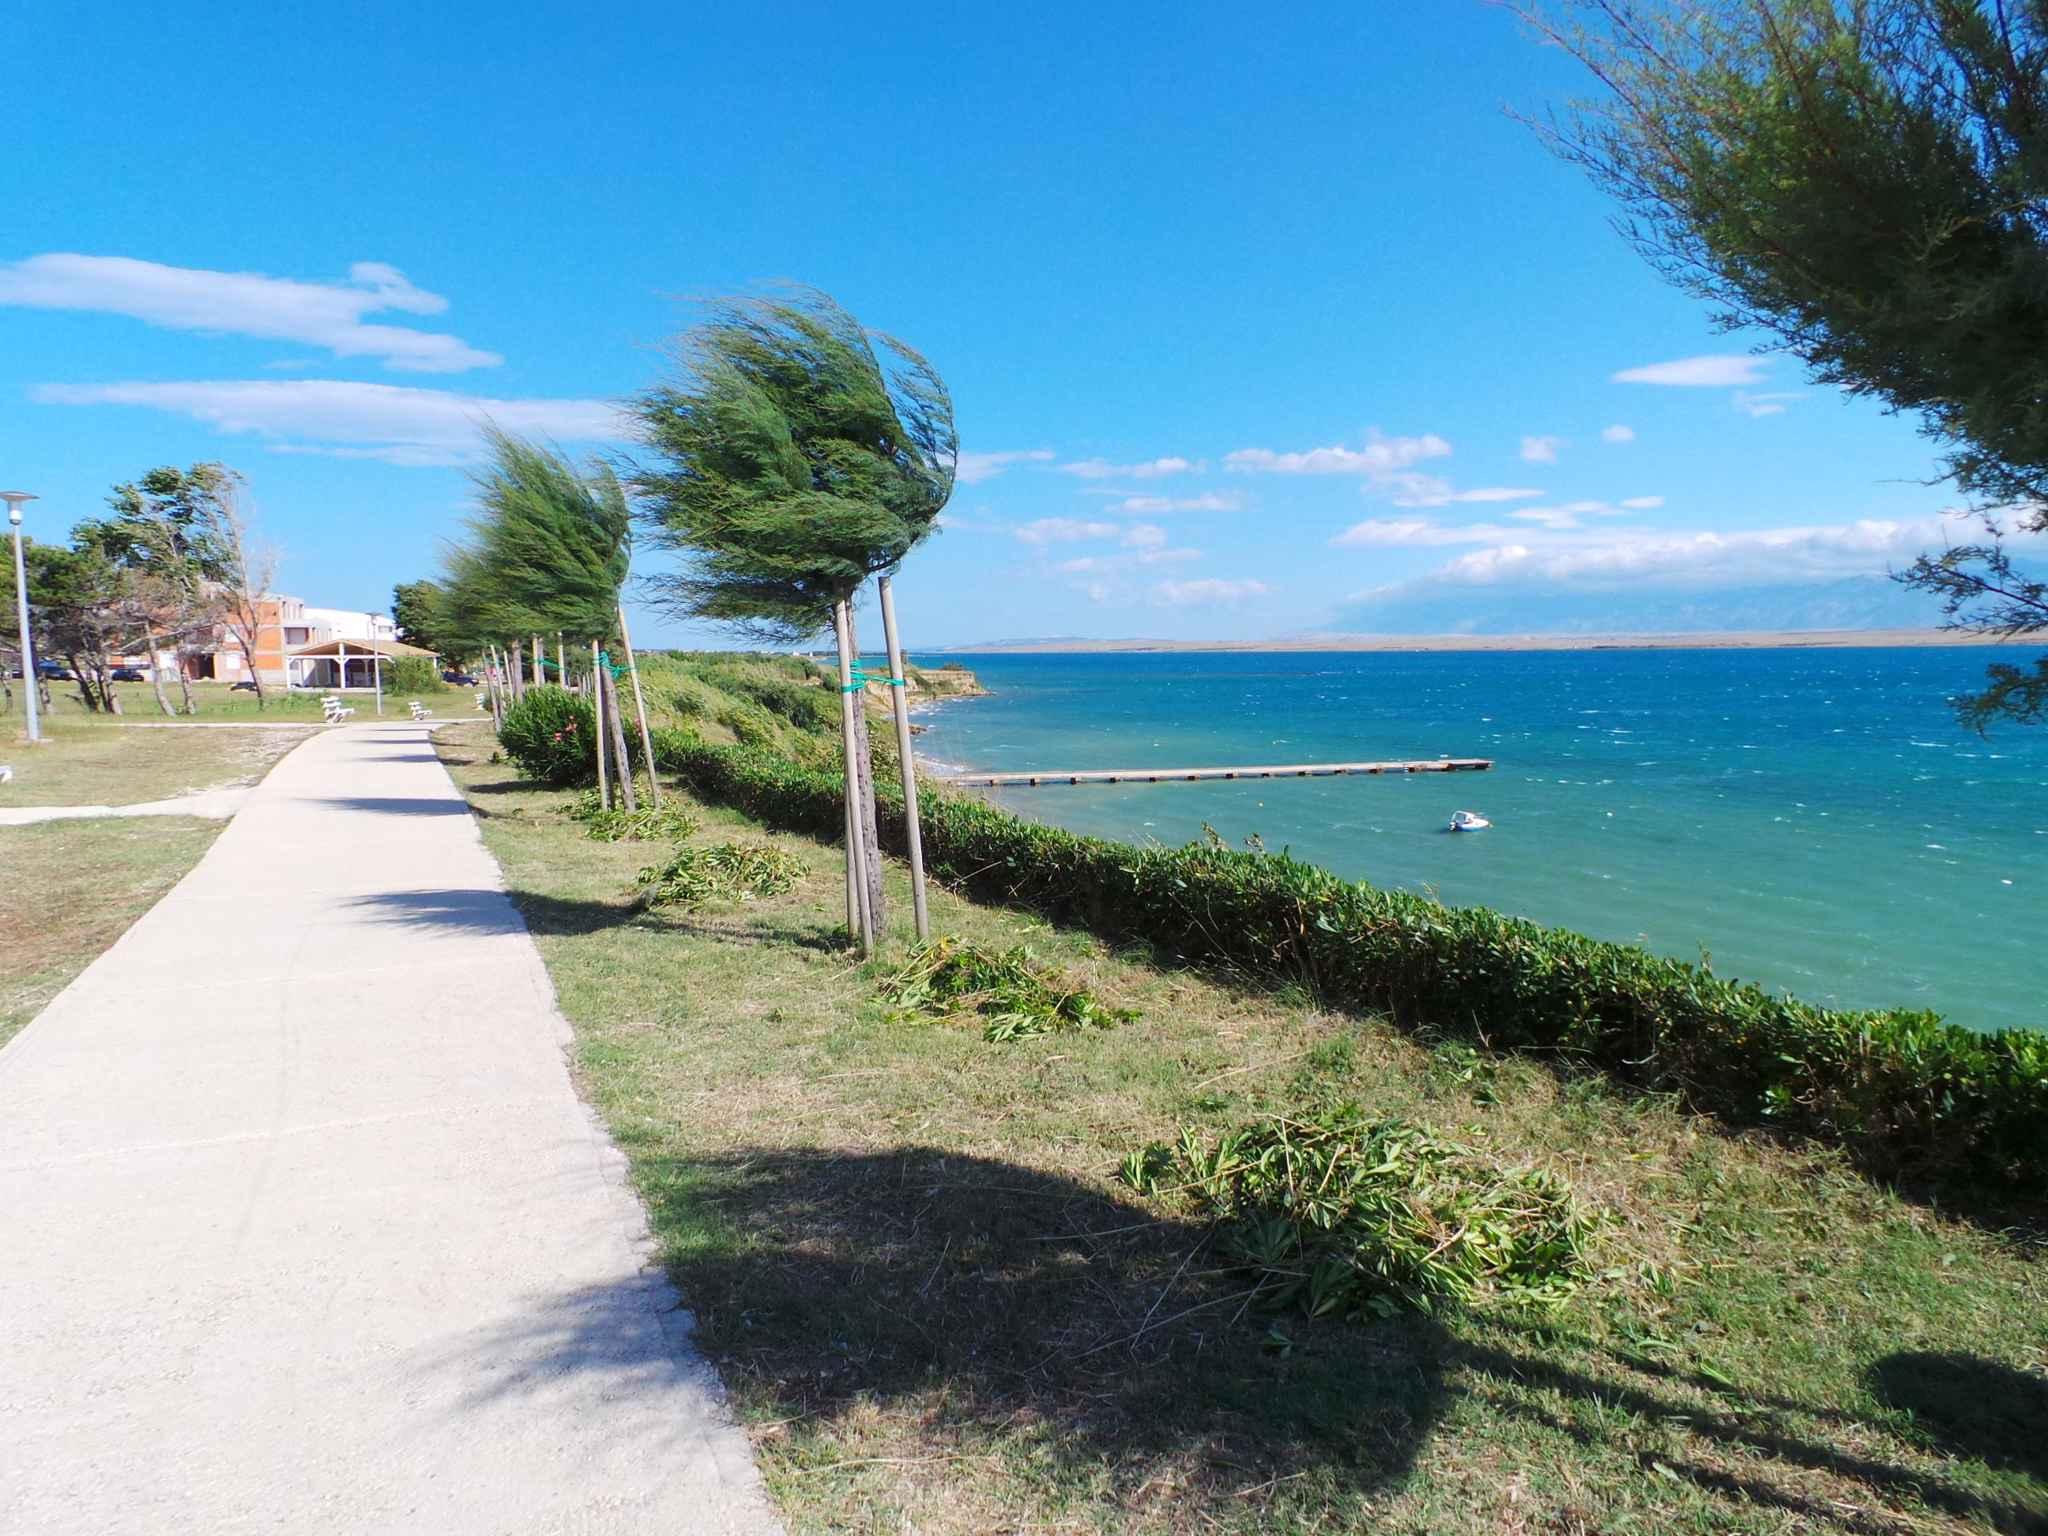 Ferienwohnung 200 m zur Adria (278890), Privlaka, , Dalmatien, Kroatien, Bild 10